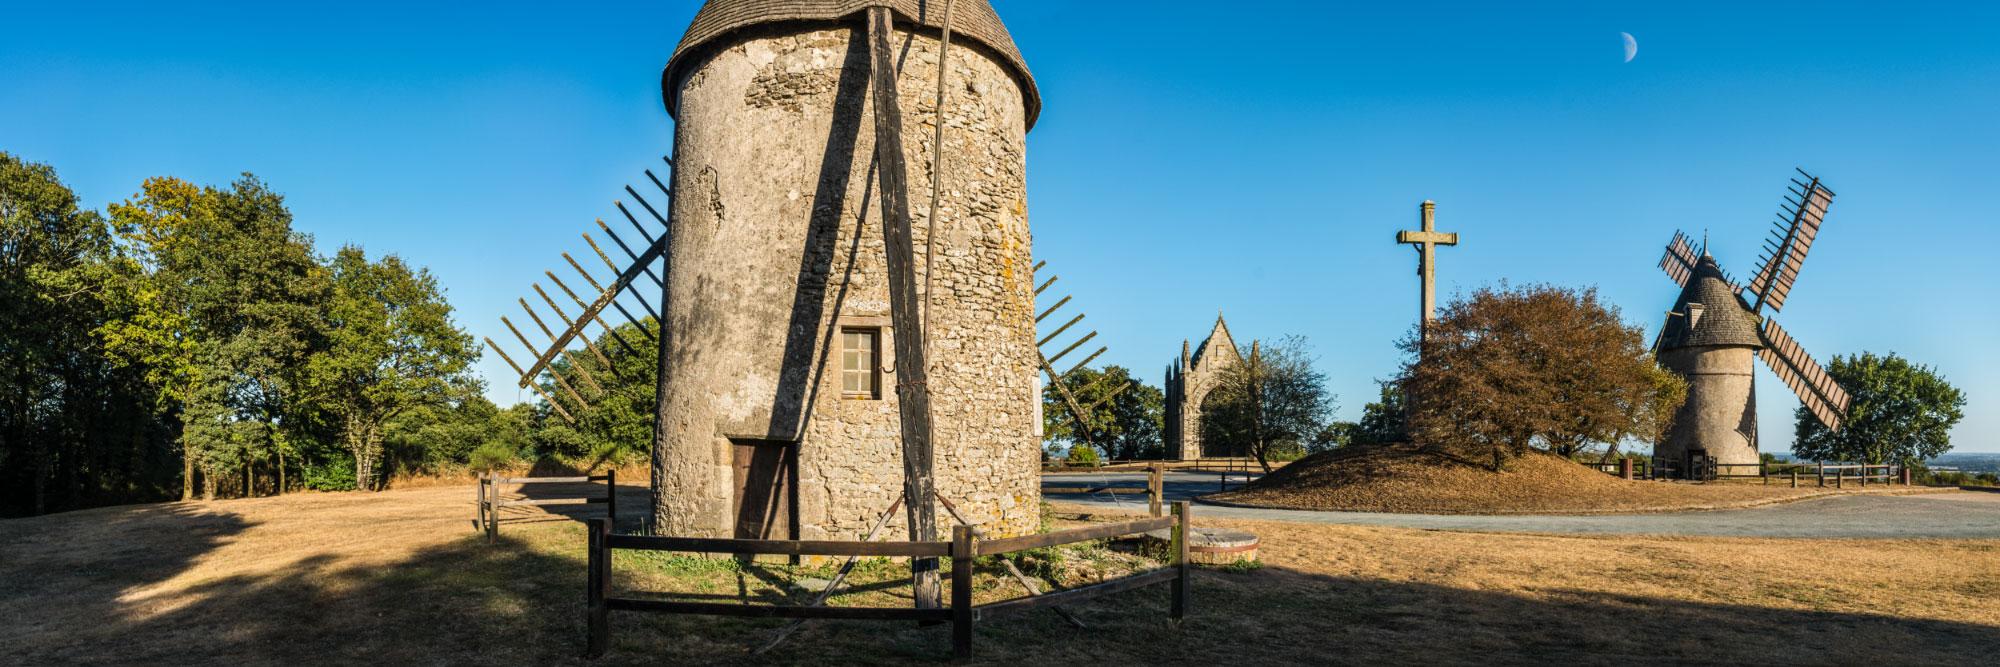 Moulins et chapelle néo-gothique au Mont des Alouettes, près du Puy du Fou